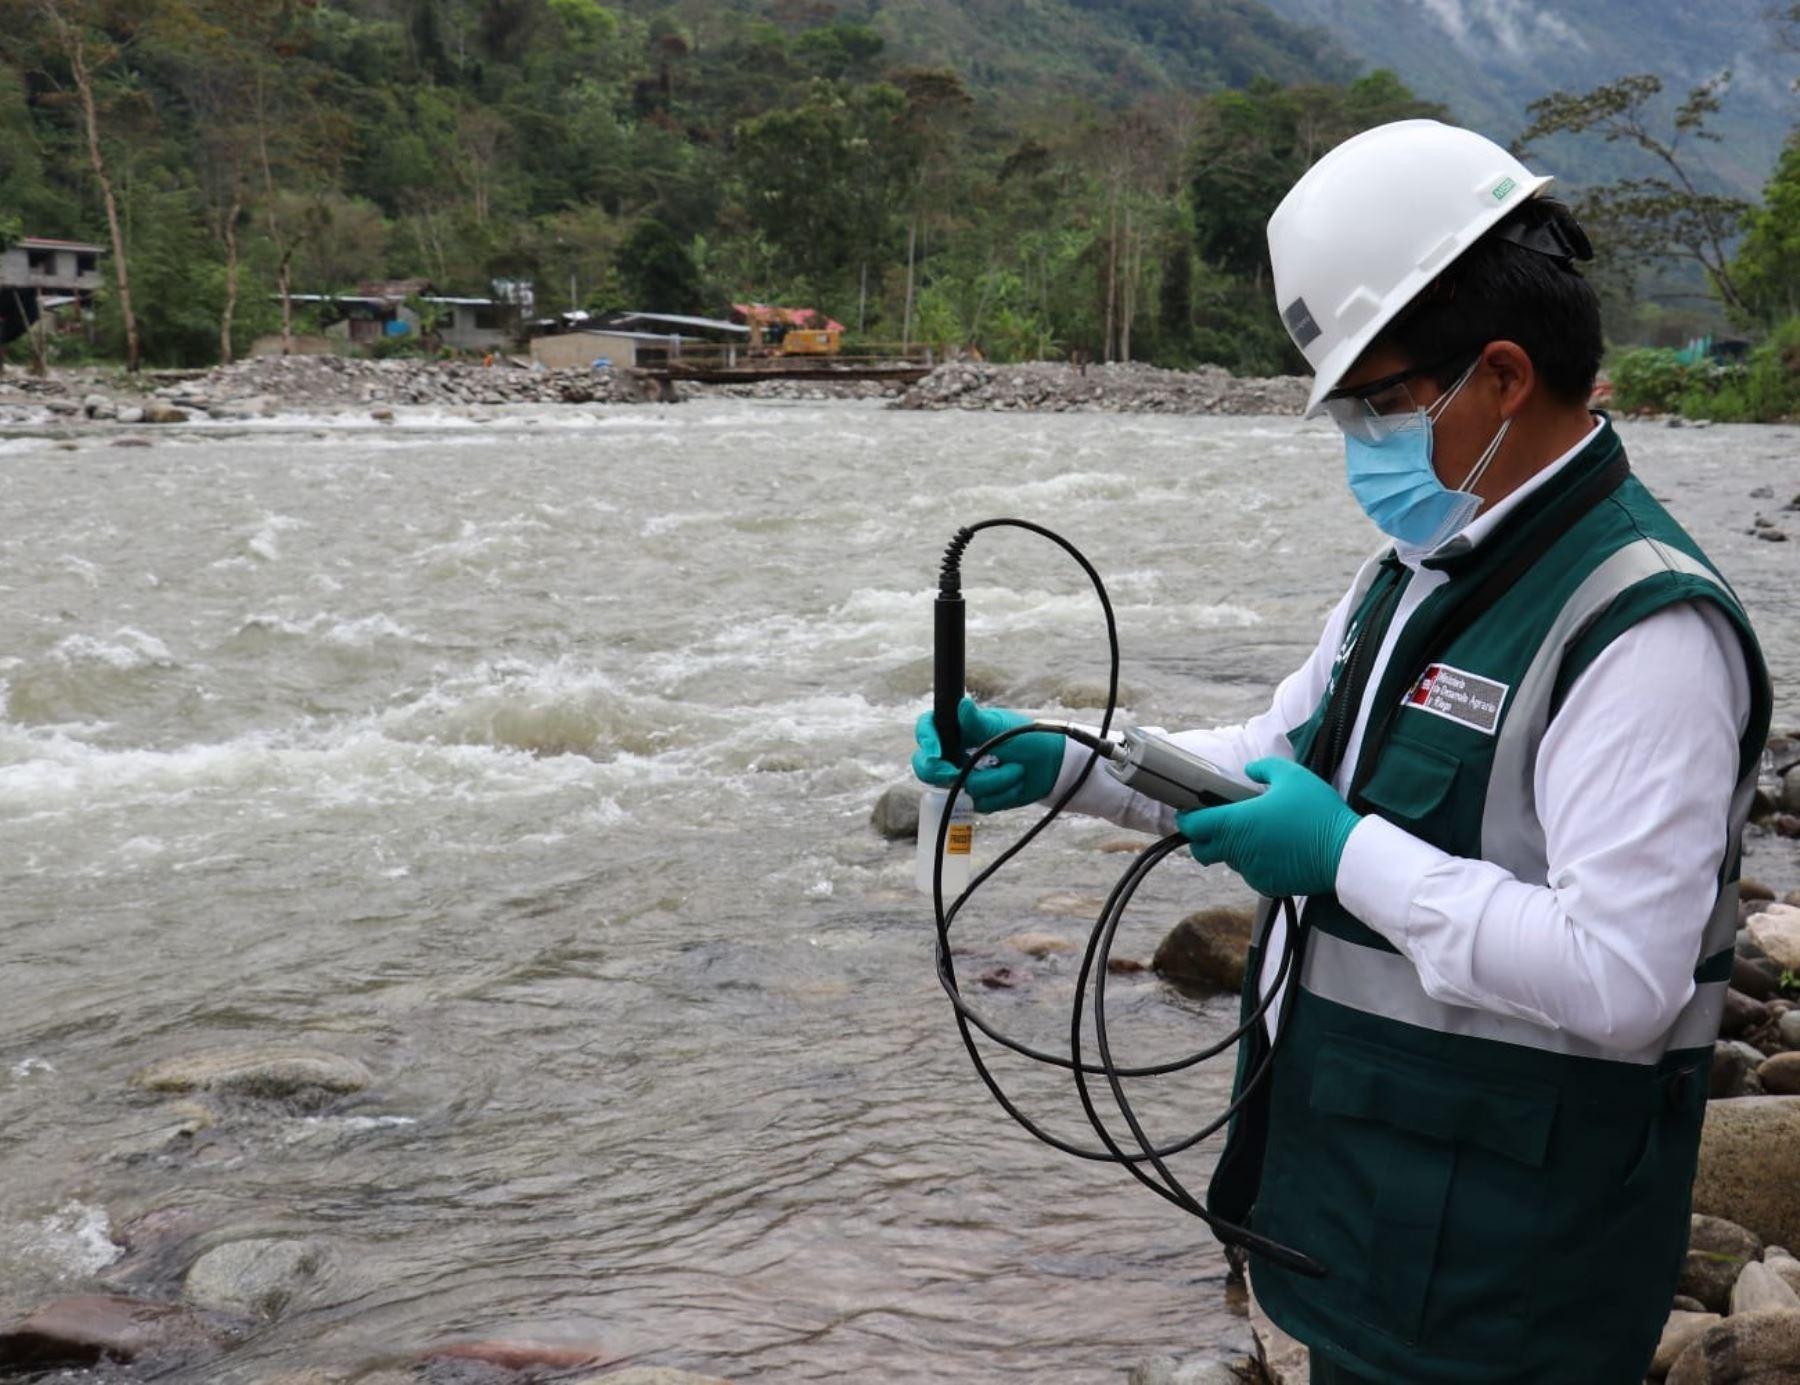 Especialistas de la Autoridad Nacional del Agua (ANA) culminan el monitoreo de la calidad del agua en ocho ríos de Junín y Pasco. ANDINA/Difusión